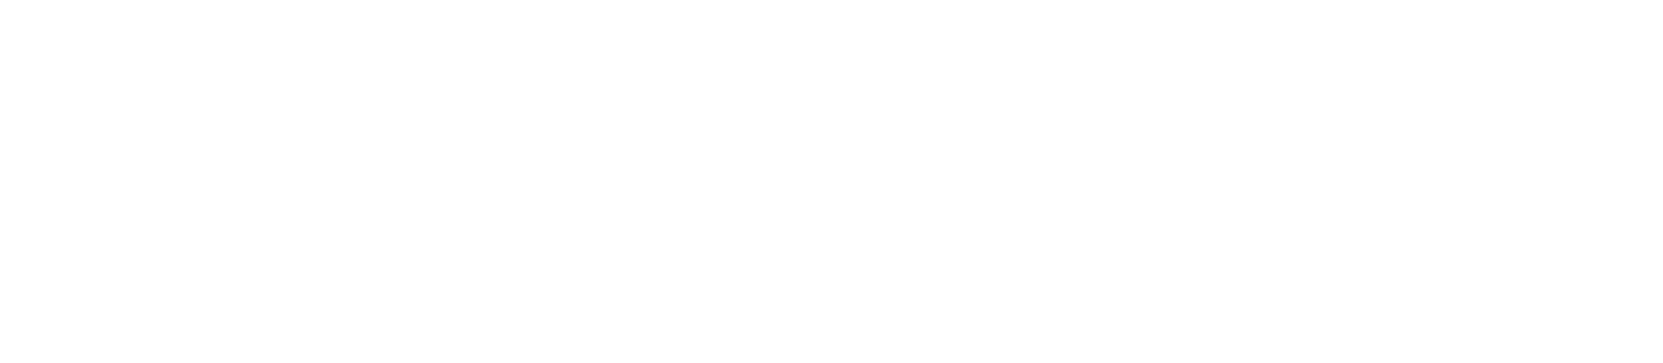 253 Media Logo